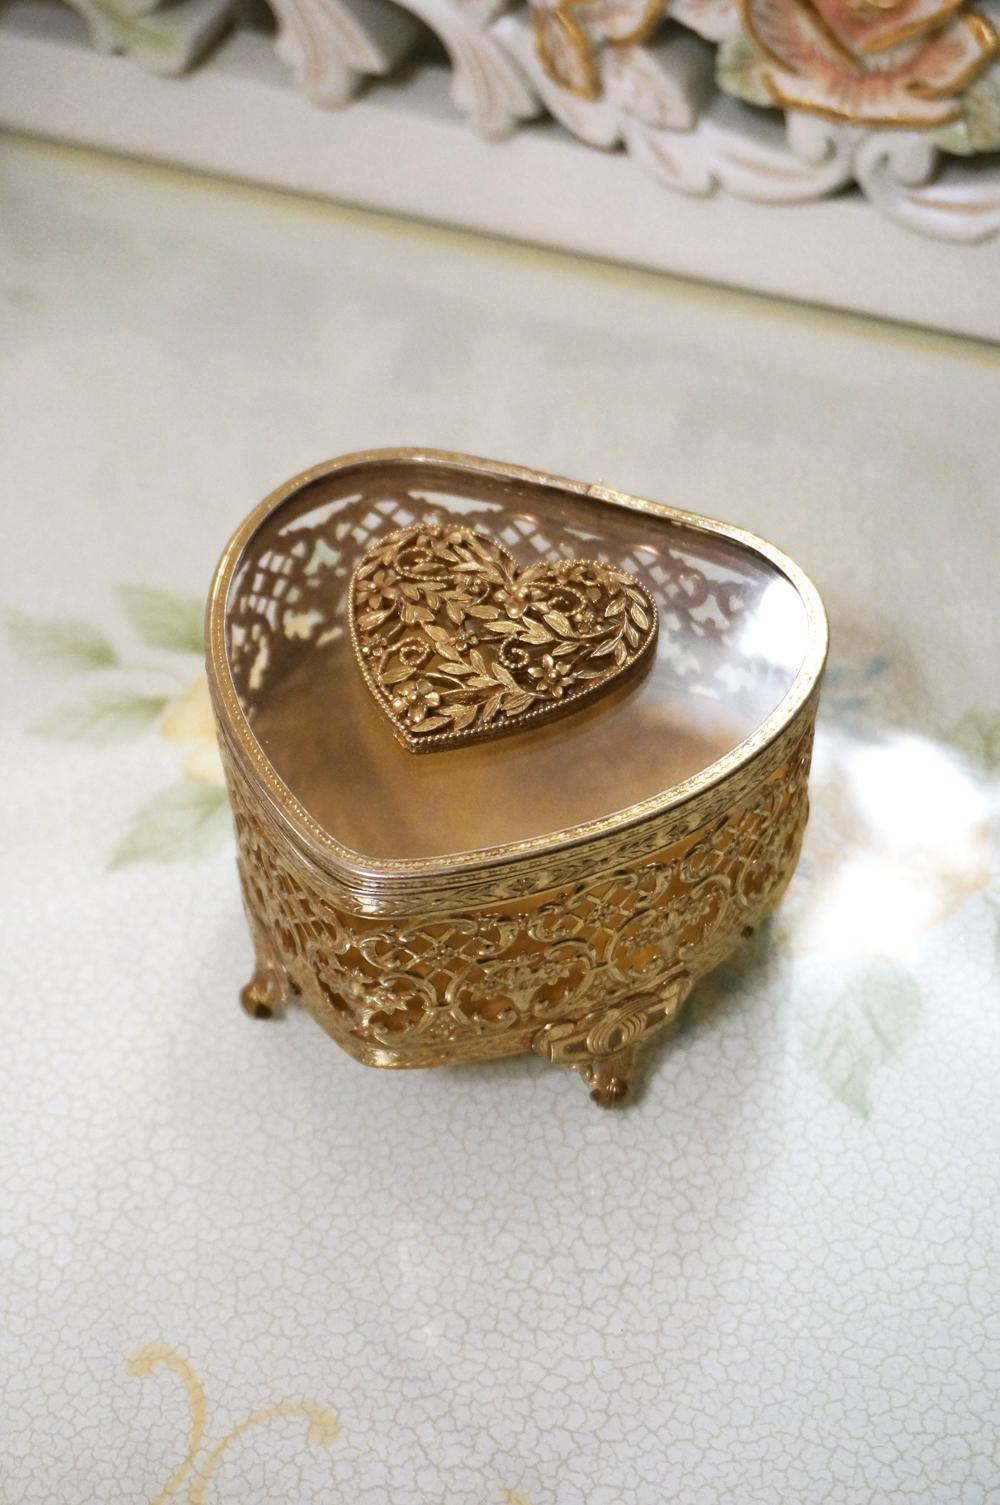 Sold:マトソン製 ゴールドジュエリーボックス